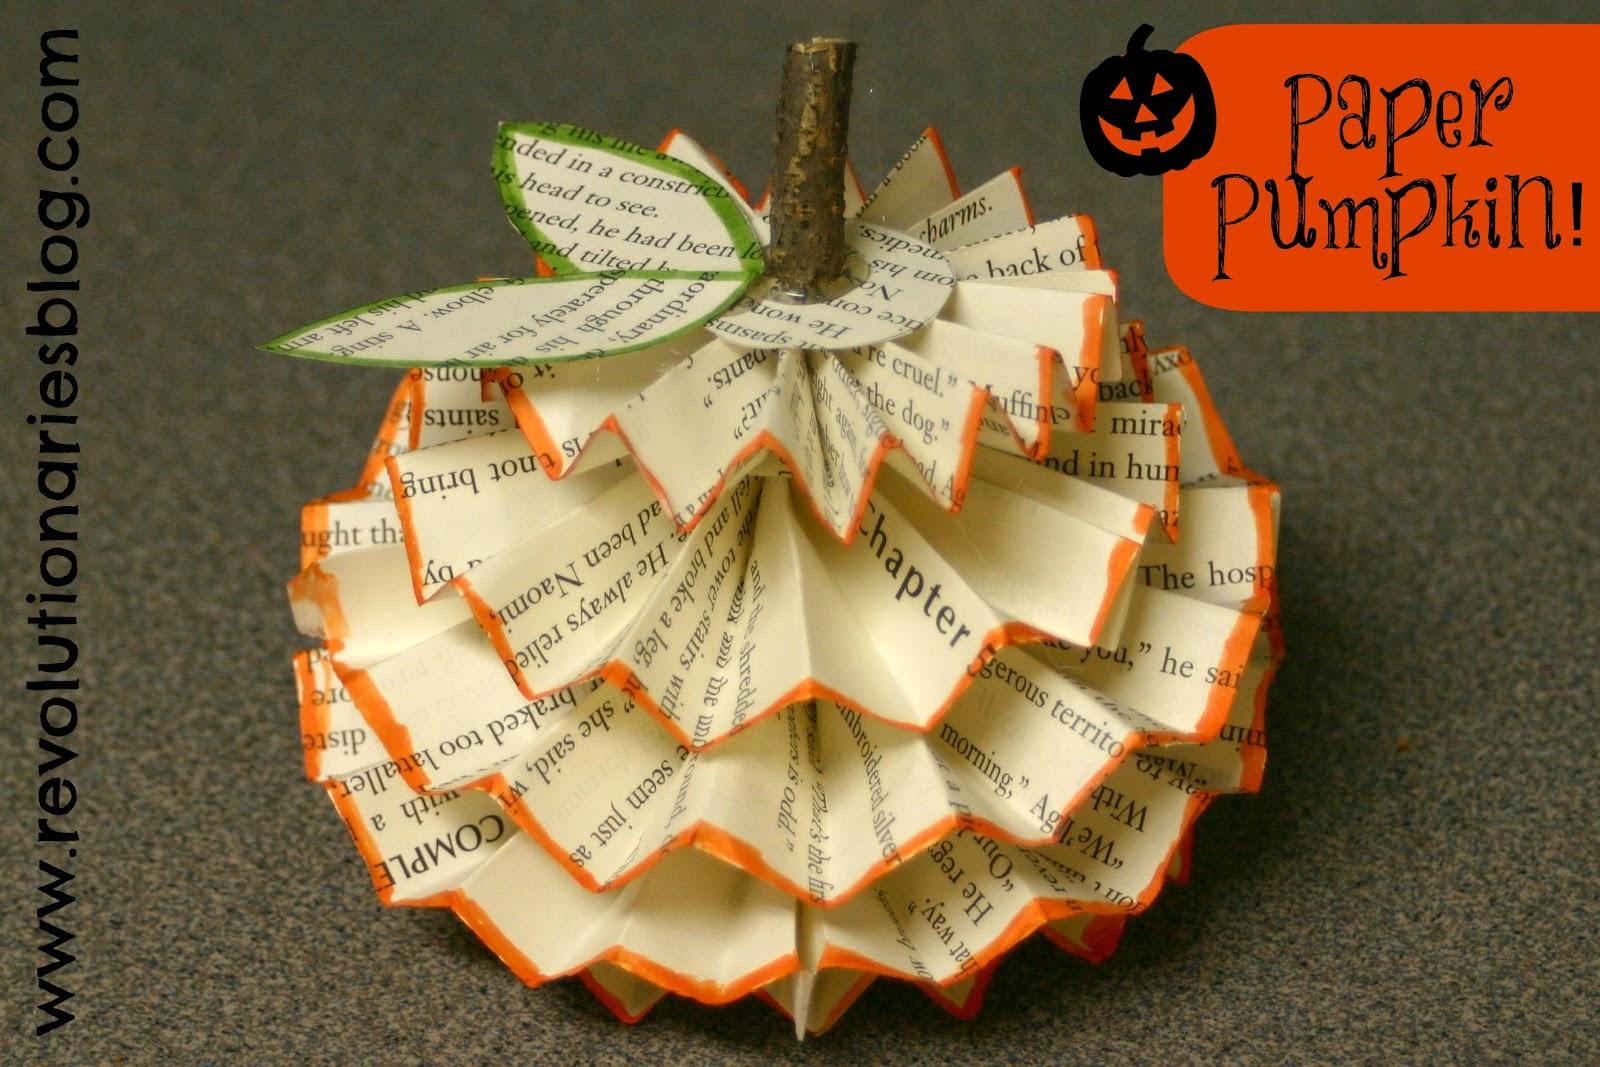 http://4.bp.blogspot.com/-tBkLh3jAy9I/UGi1bpx5bBI/AAAAAAAABg8/QUO8Xso-6uk/s1600/recycled-paper-pumpkin-after-with-text.jpg